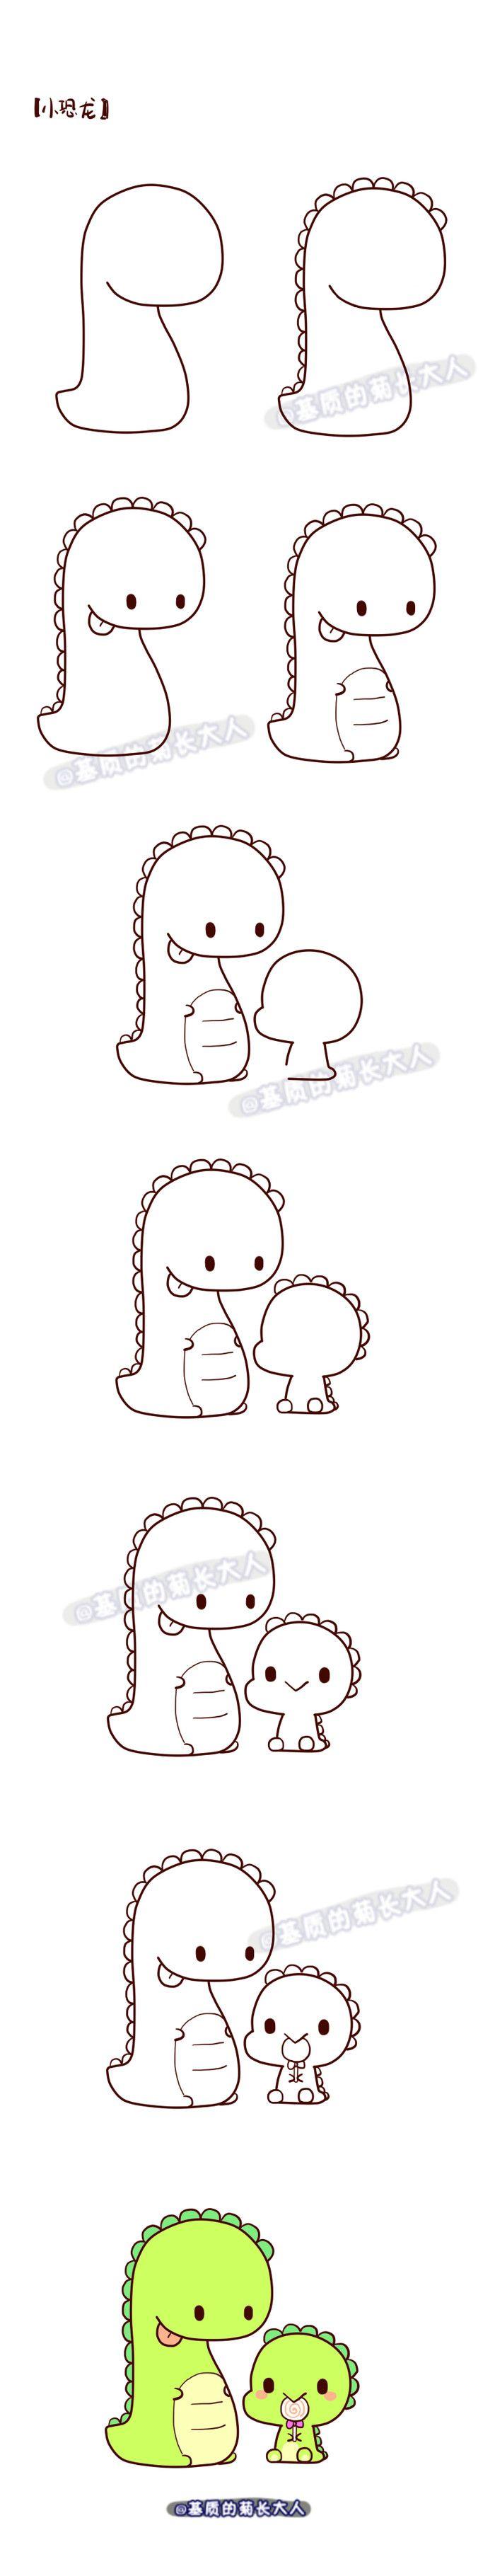 馋嘴龙!来自@基质的菊长大人